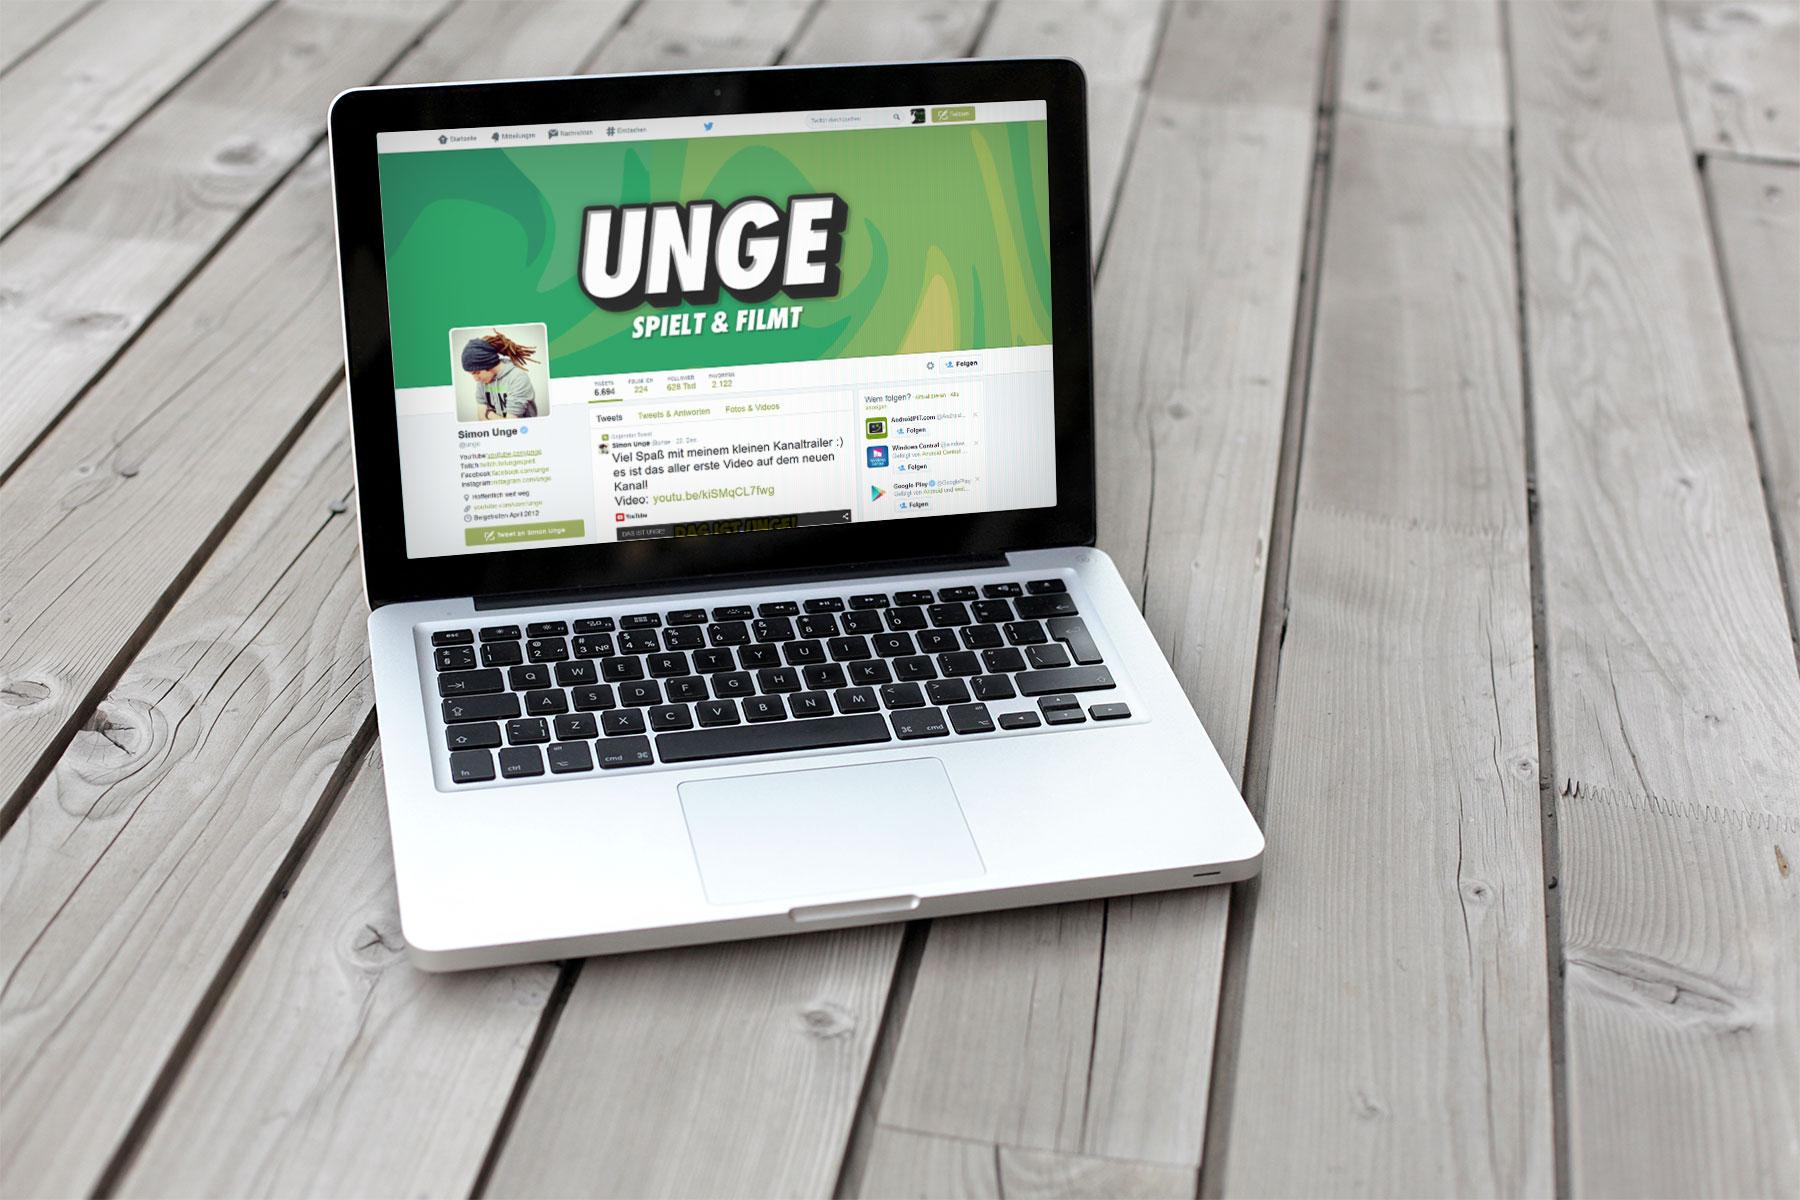 Simon Unge stürmt mit dem Hashtag #ungereist nun auch die Twitter Trends - Bildquelle: Eigene Darstellung / Twitter Account @unge